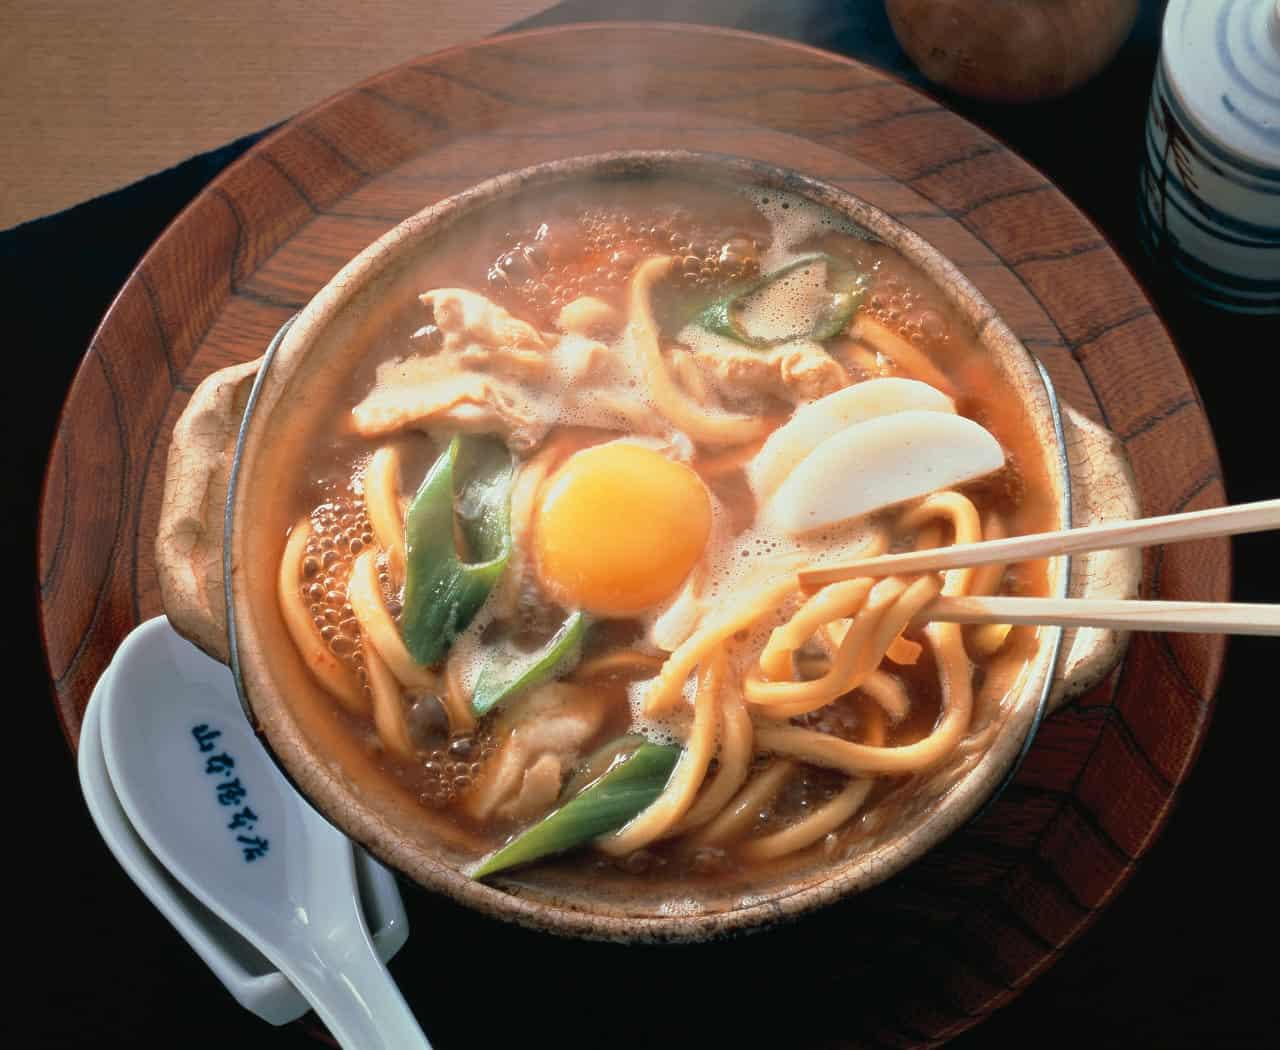 มิโซะนิโกมิอุด้ง (Miso Nikomi Udon : 味噌煮込みうどん) ที่นาโกย่า